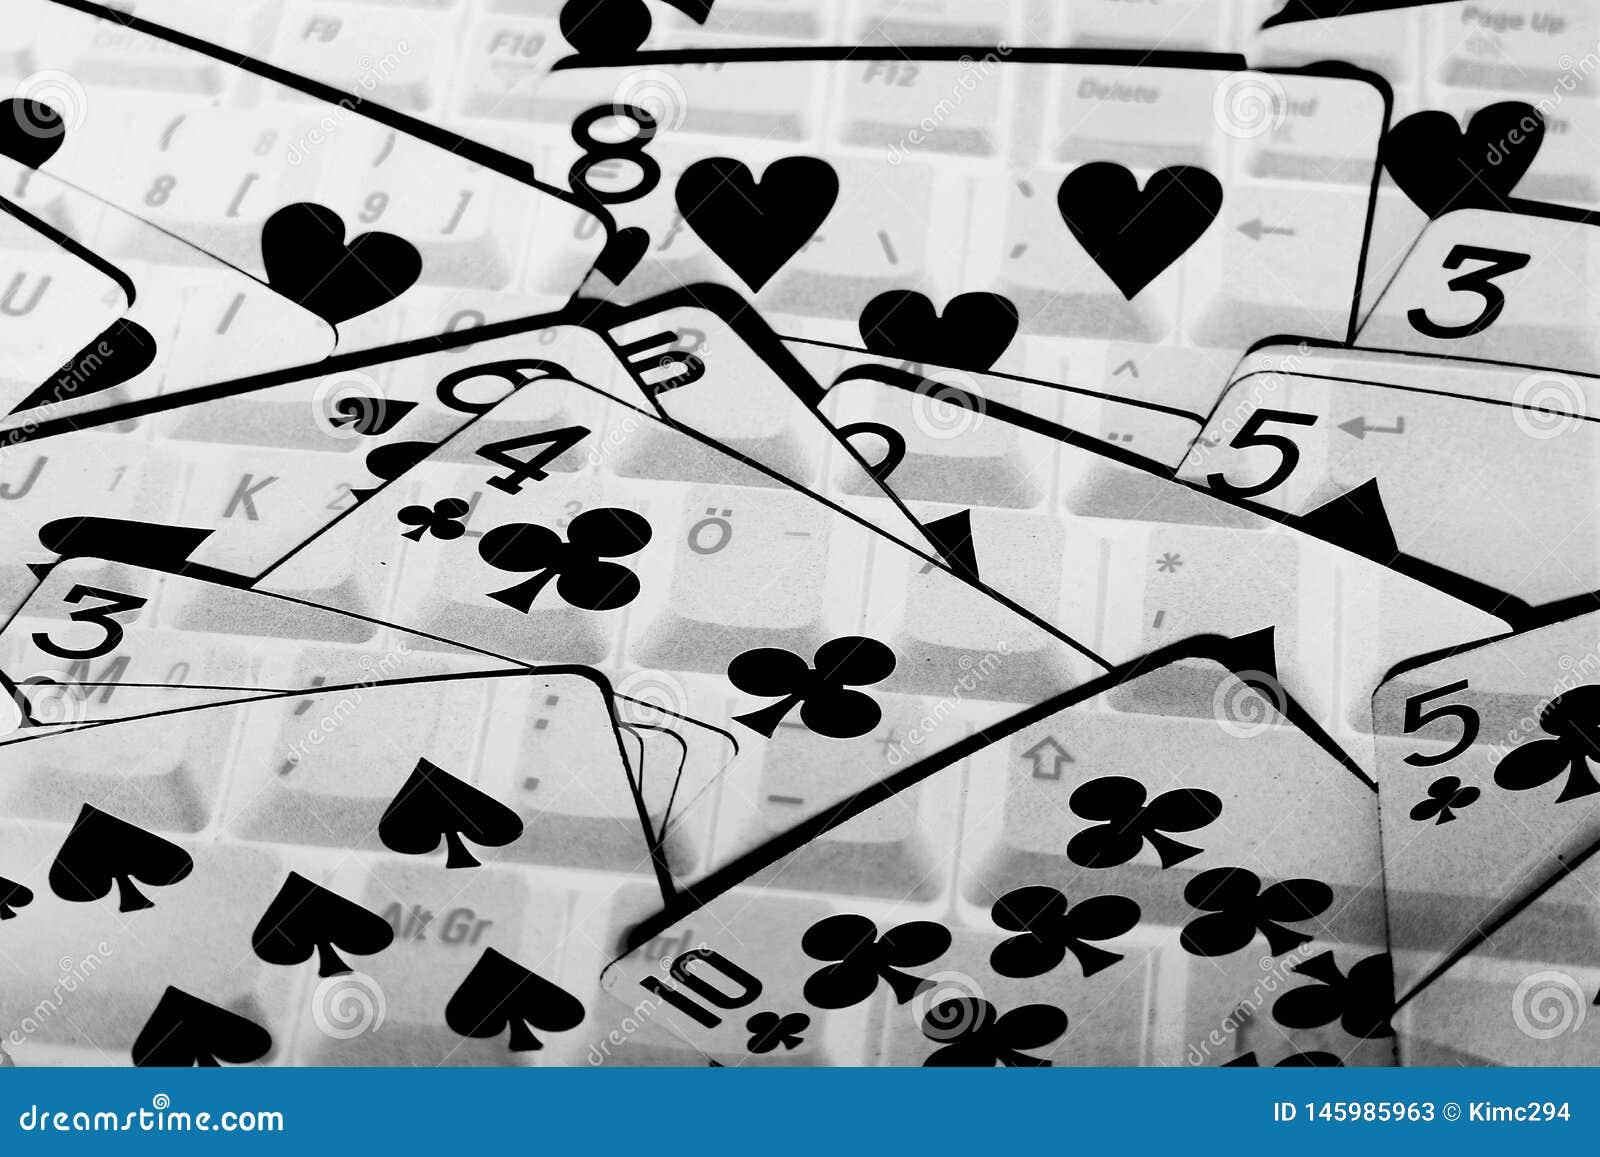 Pokład karty w czarny i biały pełniach całkowity obrazek Laptop klawiatura zobaczy przez kart